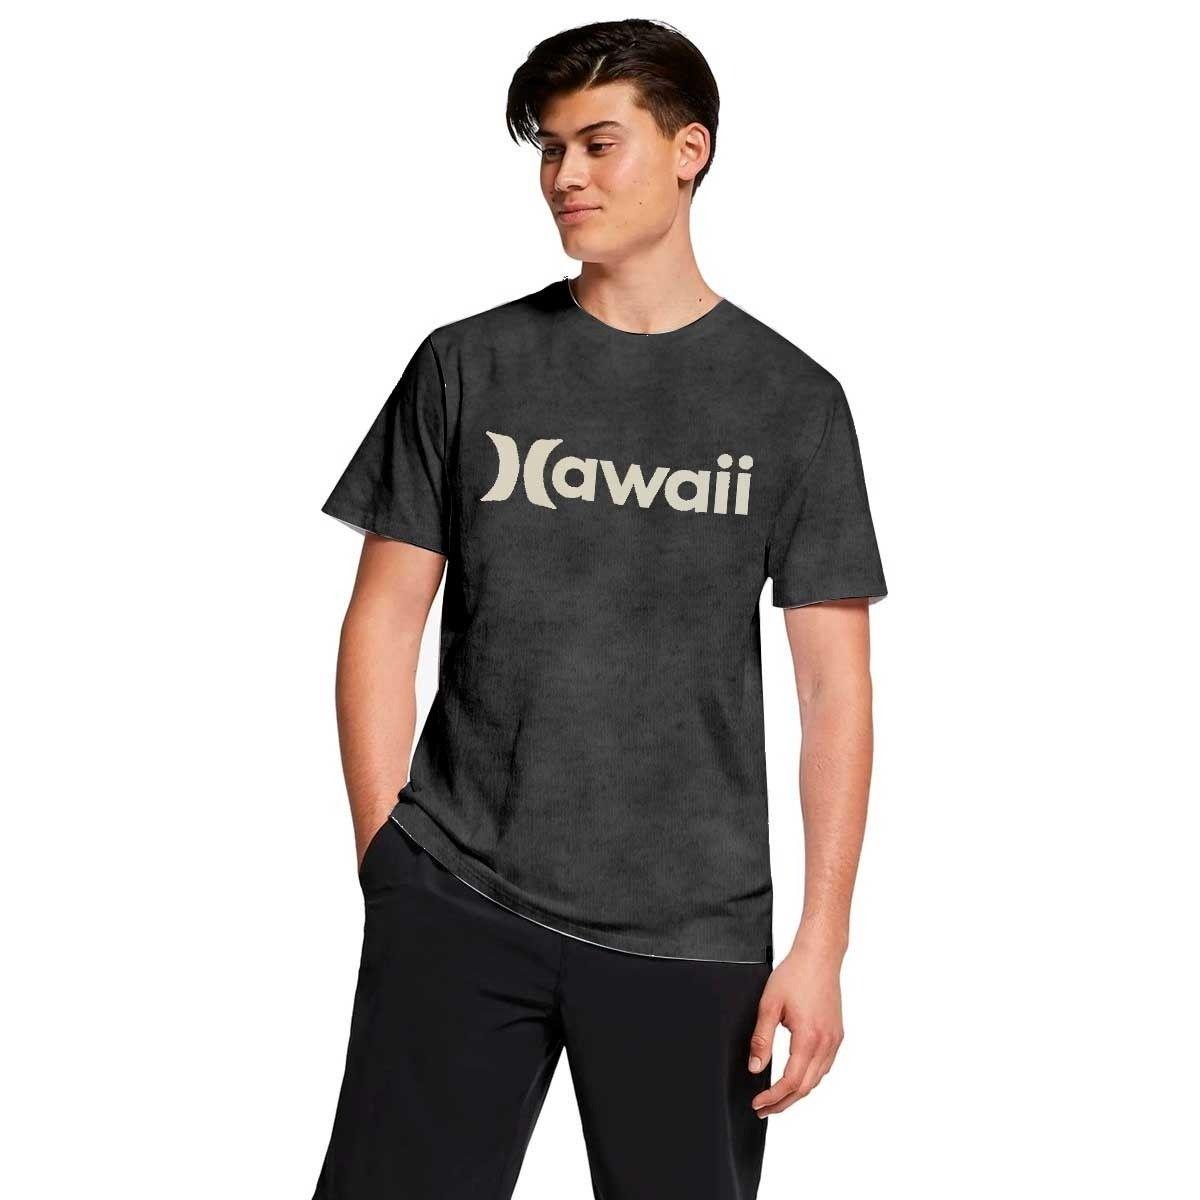 Camiseta Hurley Hawaii Silk Grey